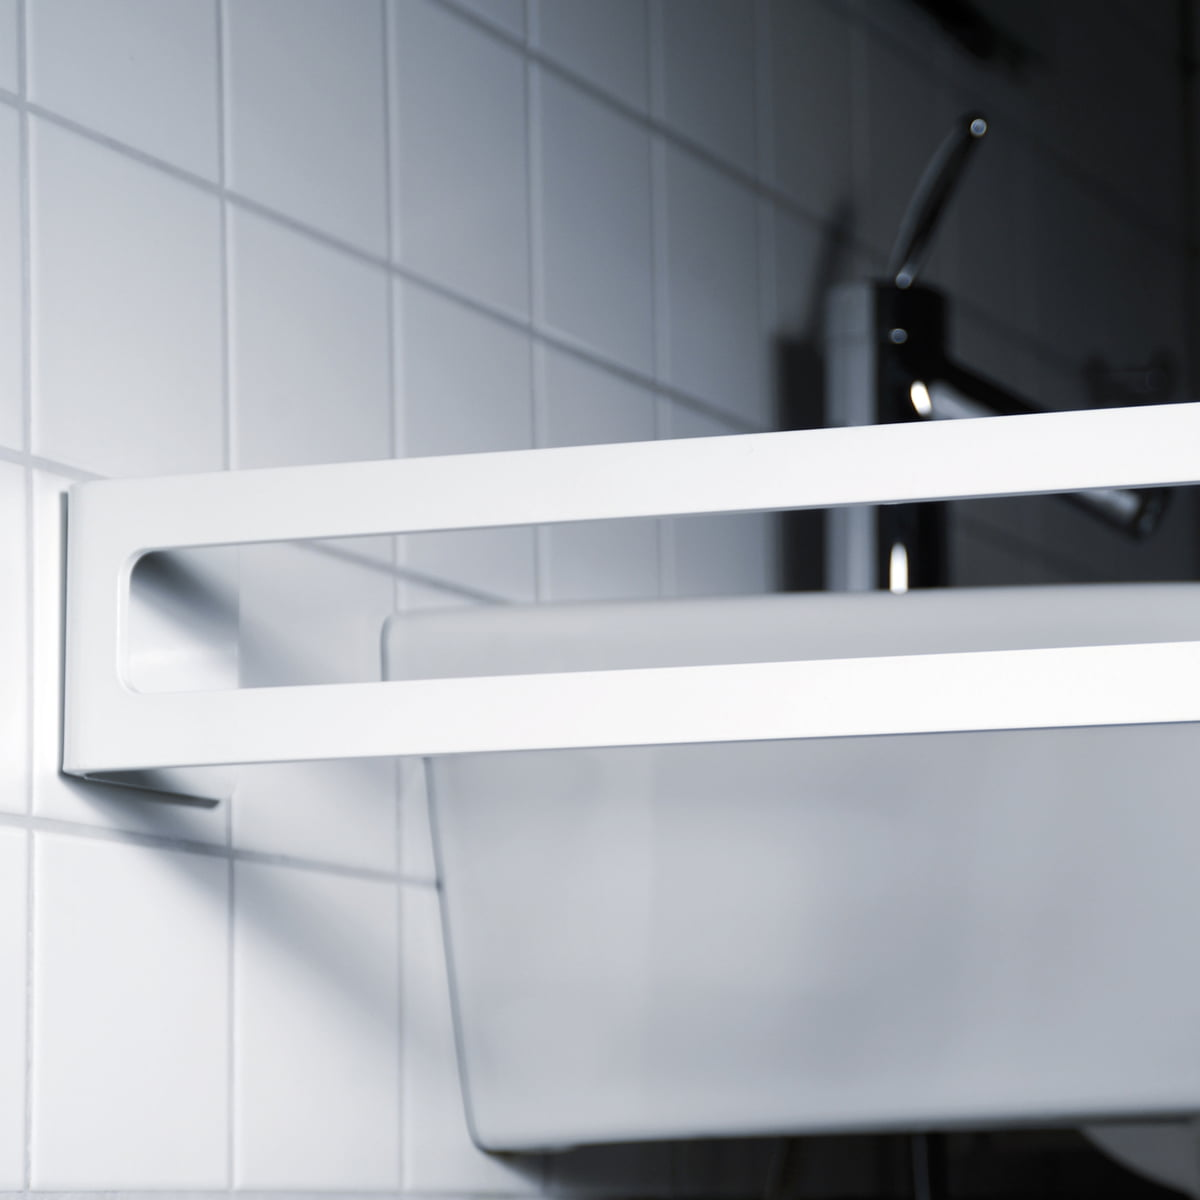 Puro Handtuchhalter Waschbecken von Radius Design